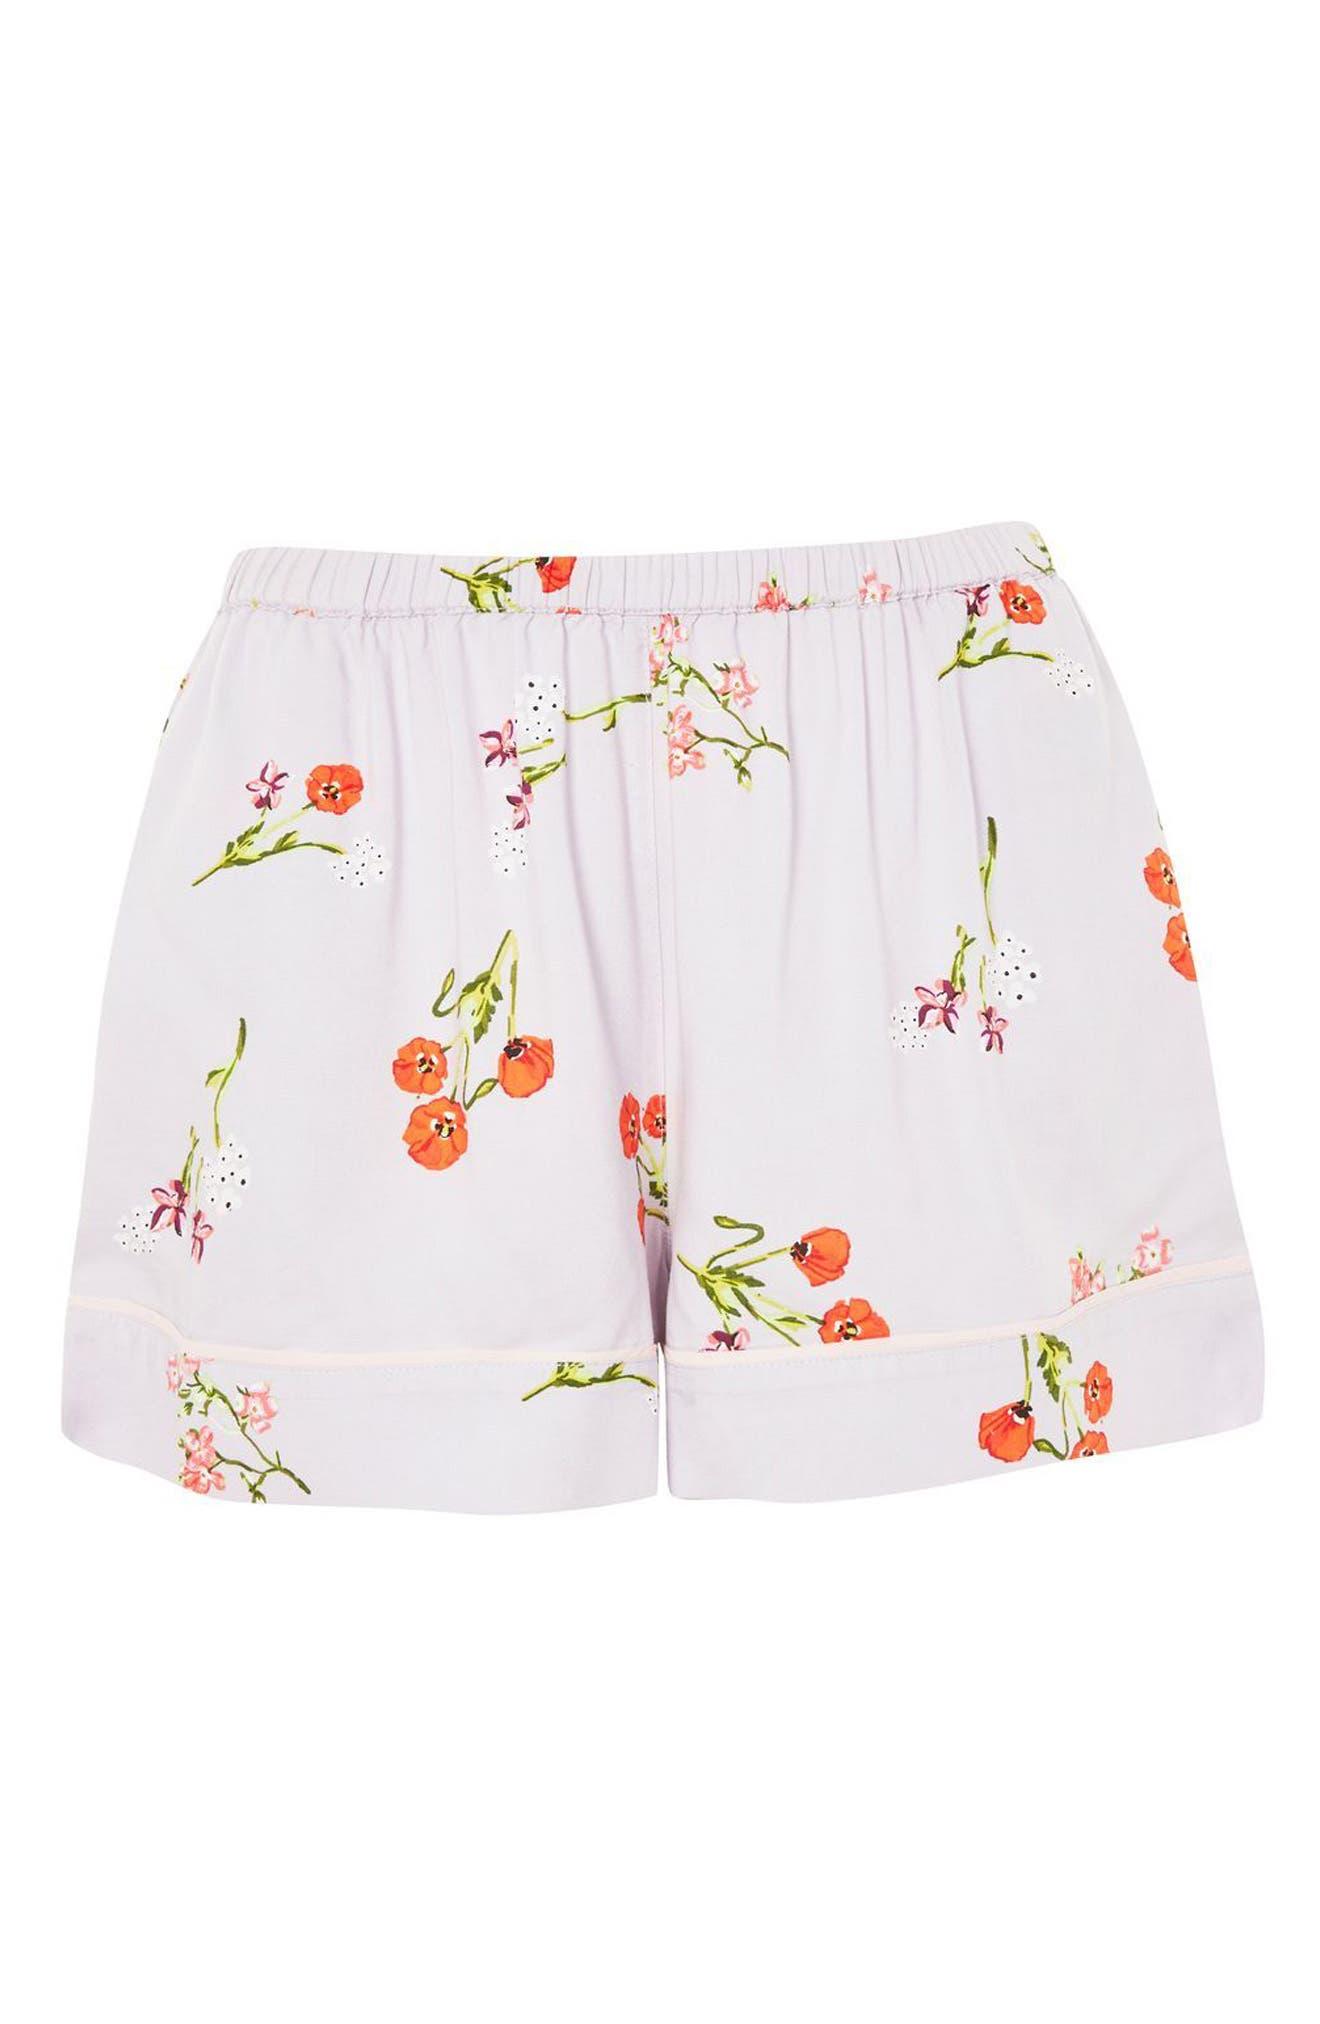 Poppy Pajama Shorts,                             Alternate thumbnail 3, color,                             Light Blue Multi